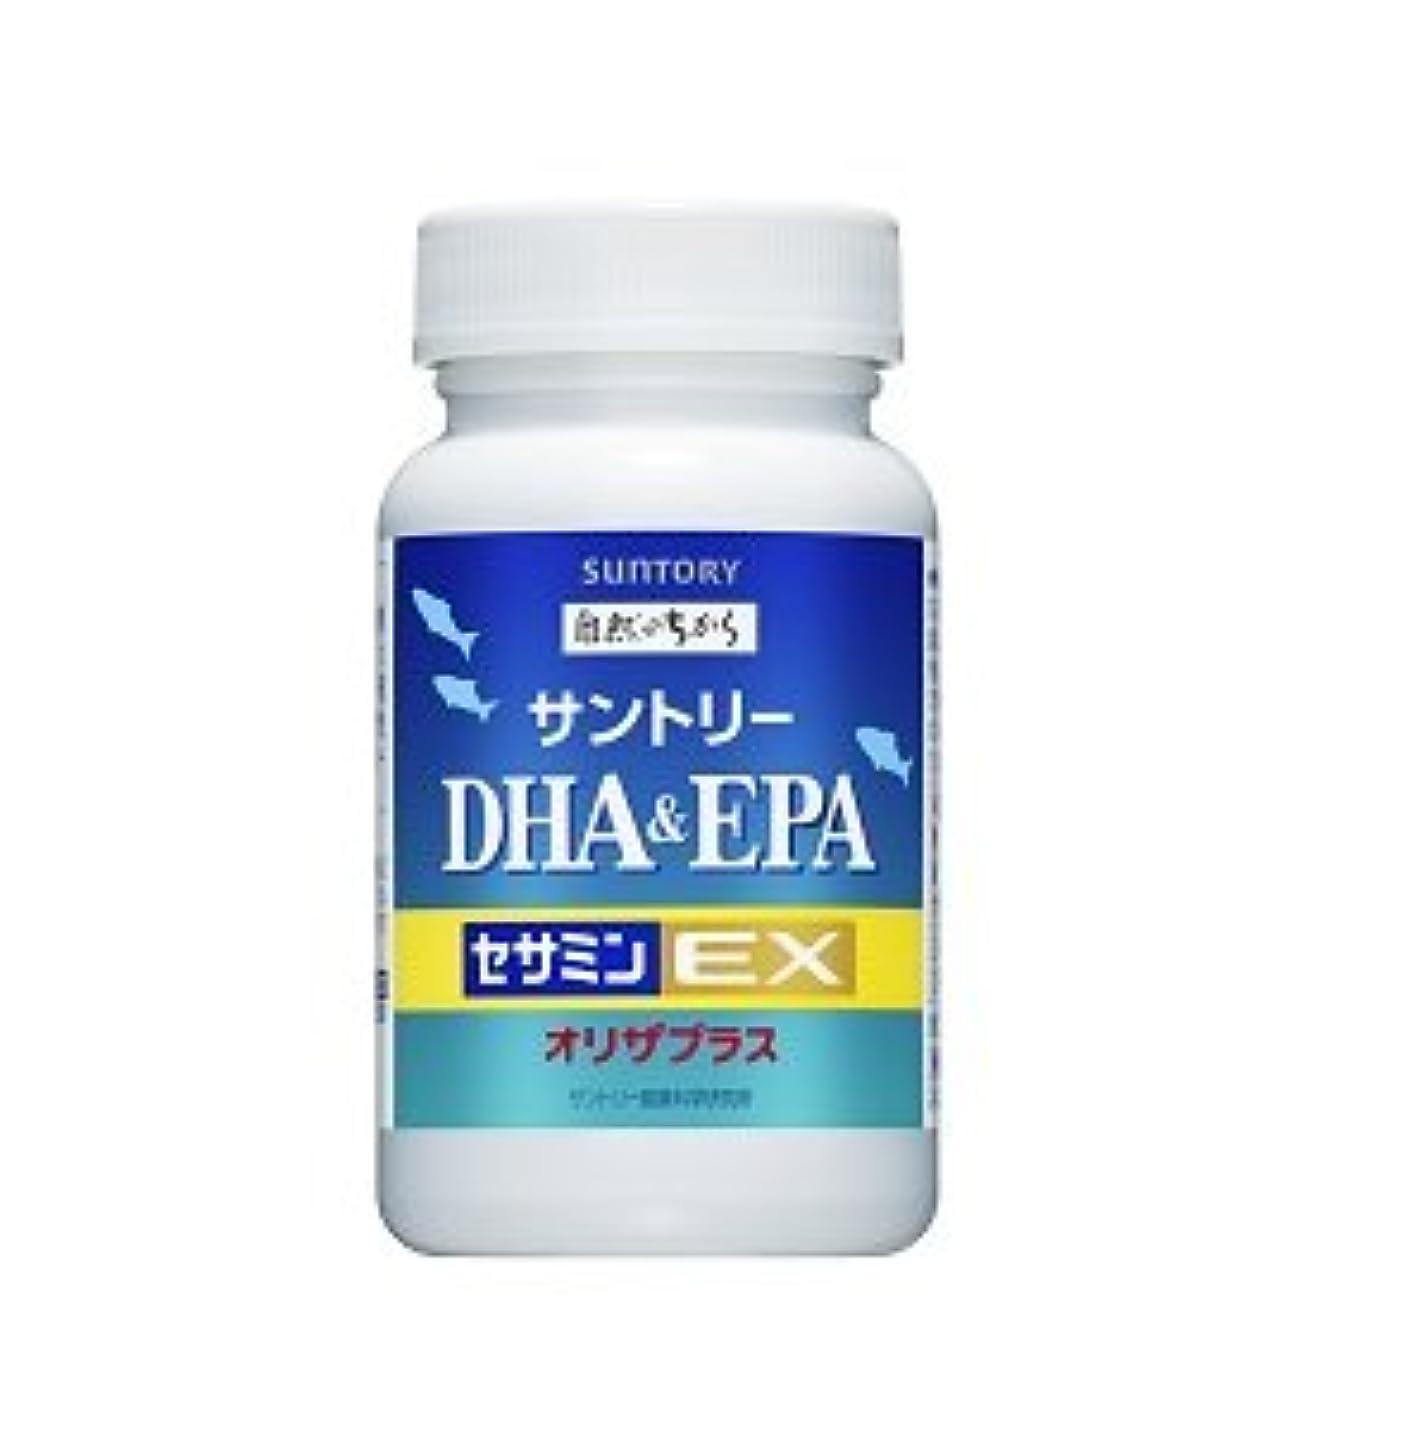 サントリー DHA&EPA+セサミンEX 240粒 201707~09